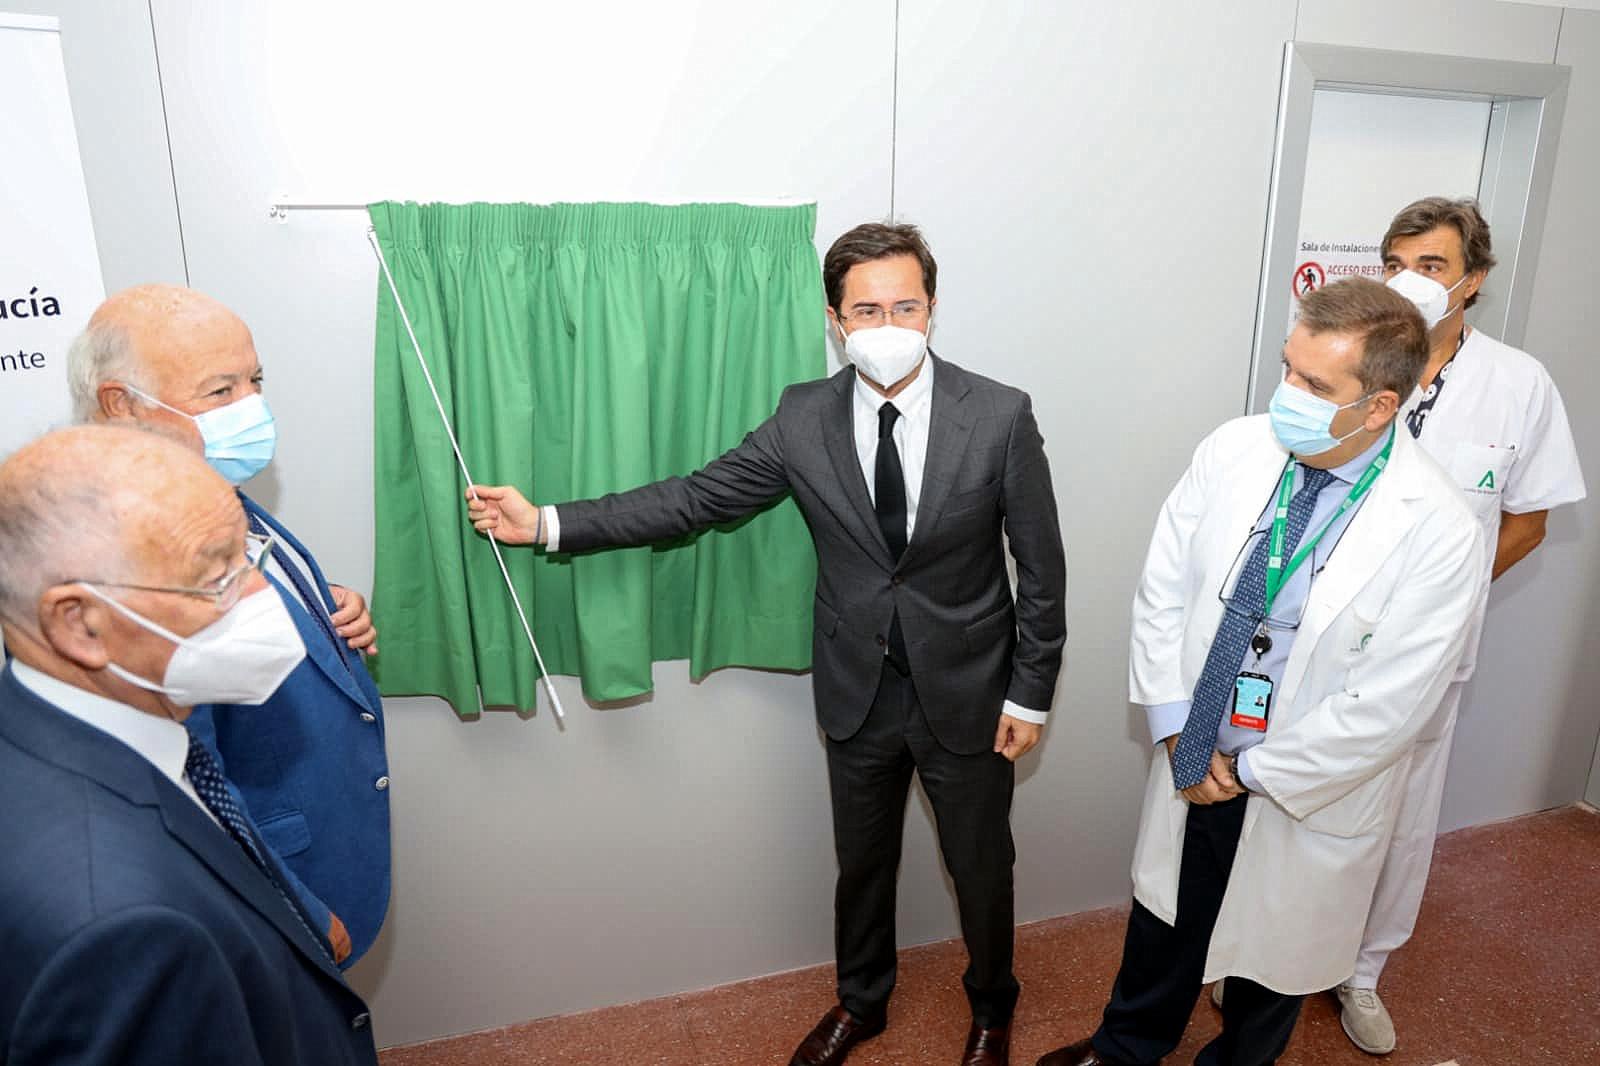 El consejero de Salud y Familias ha visitado las obras de ampliación del Hospital de Poniente que tienen una inversión de 18 millones de euros